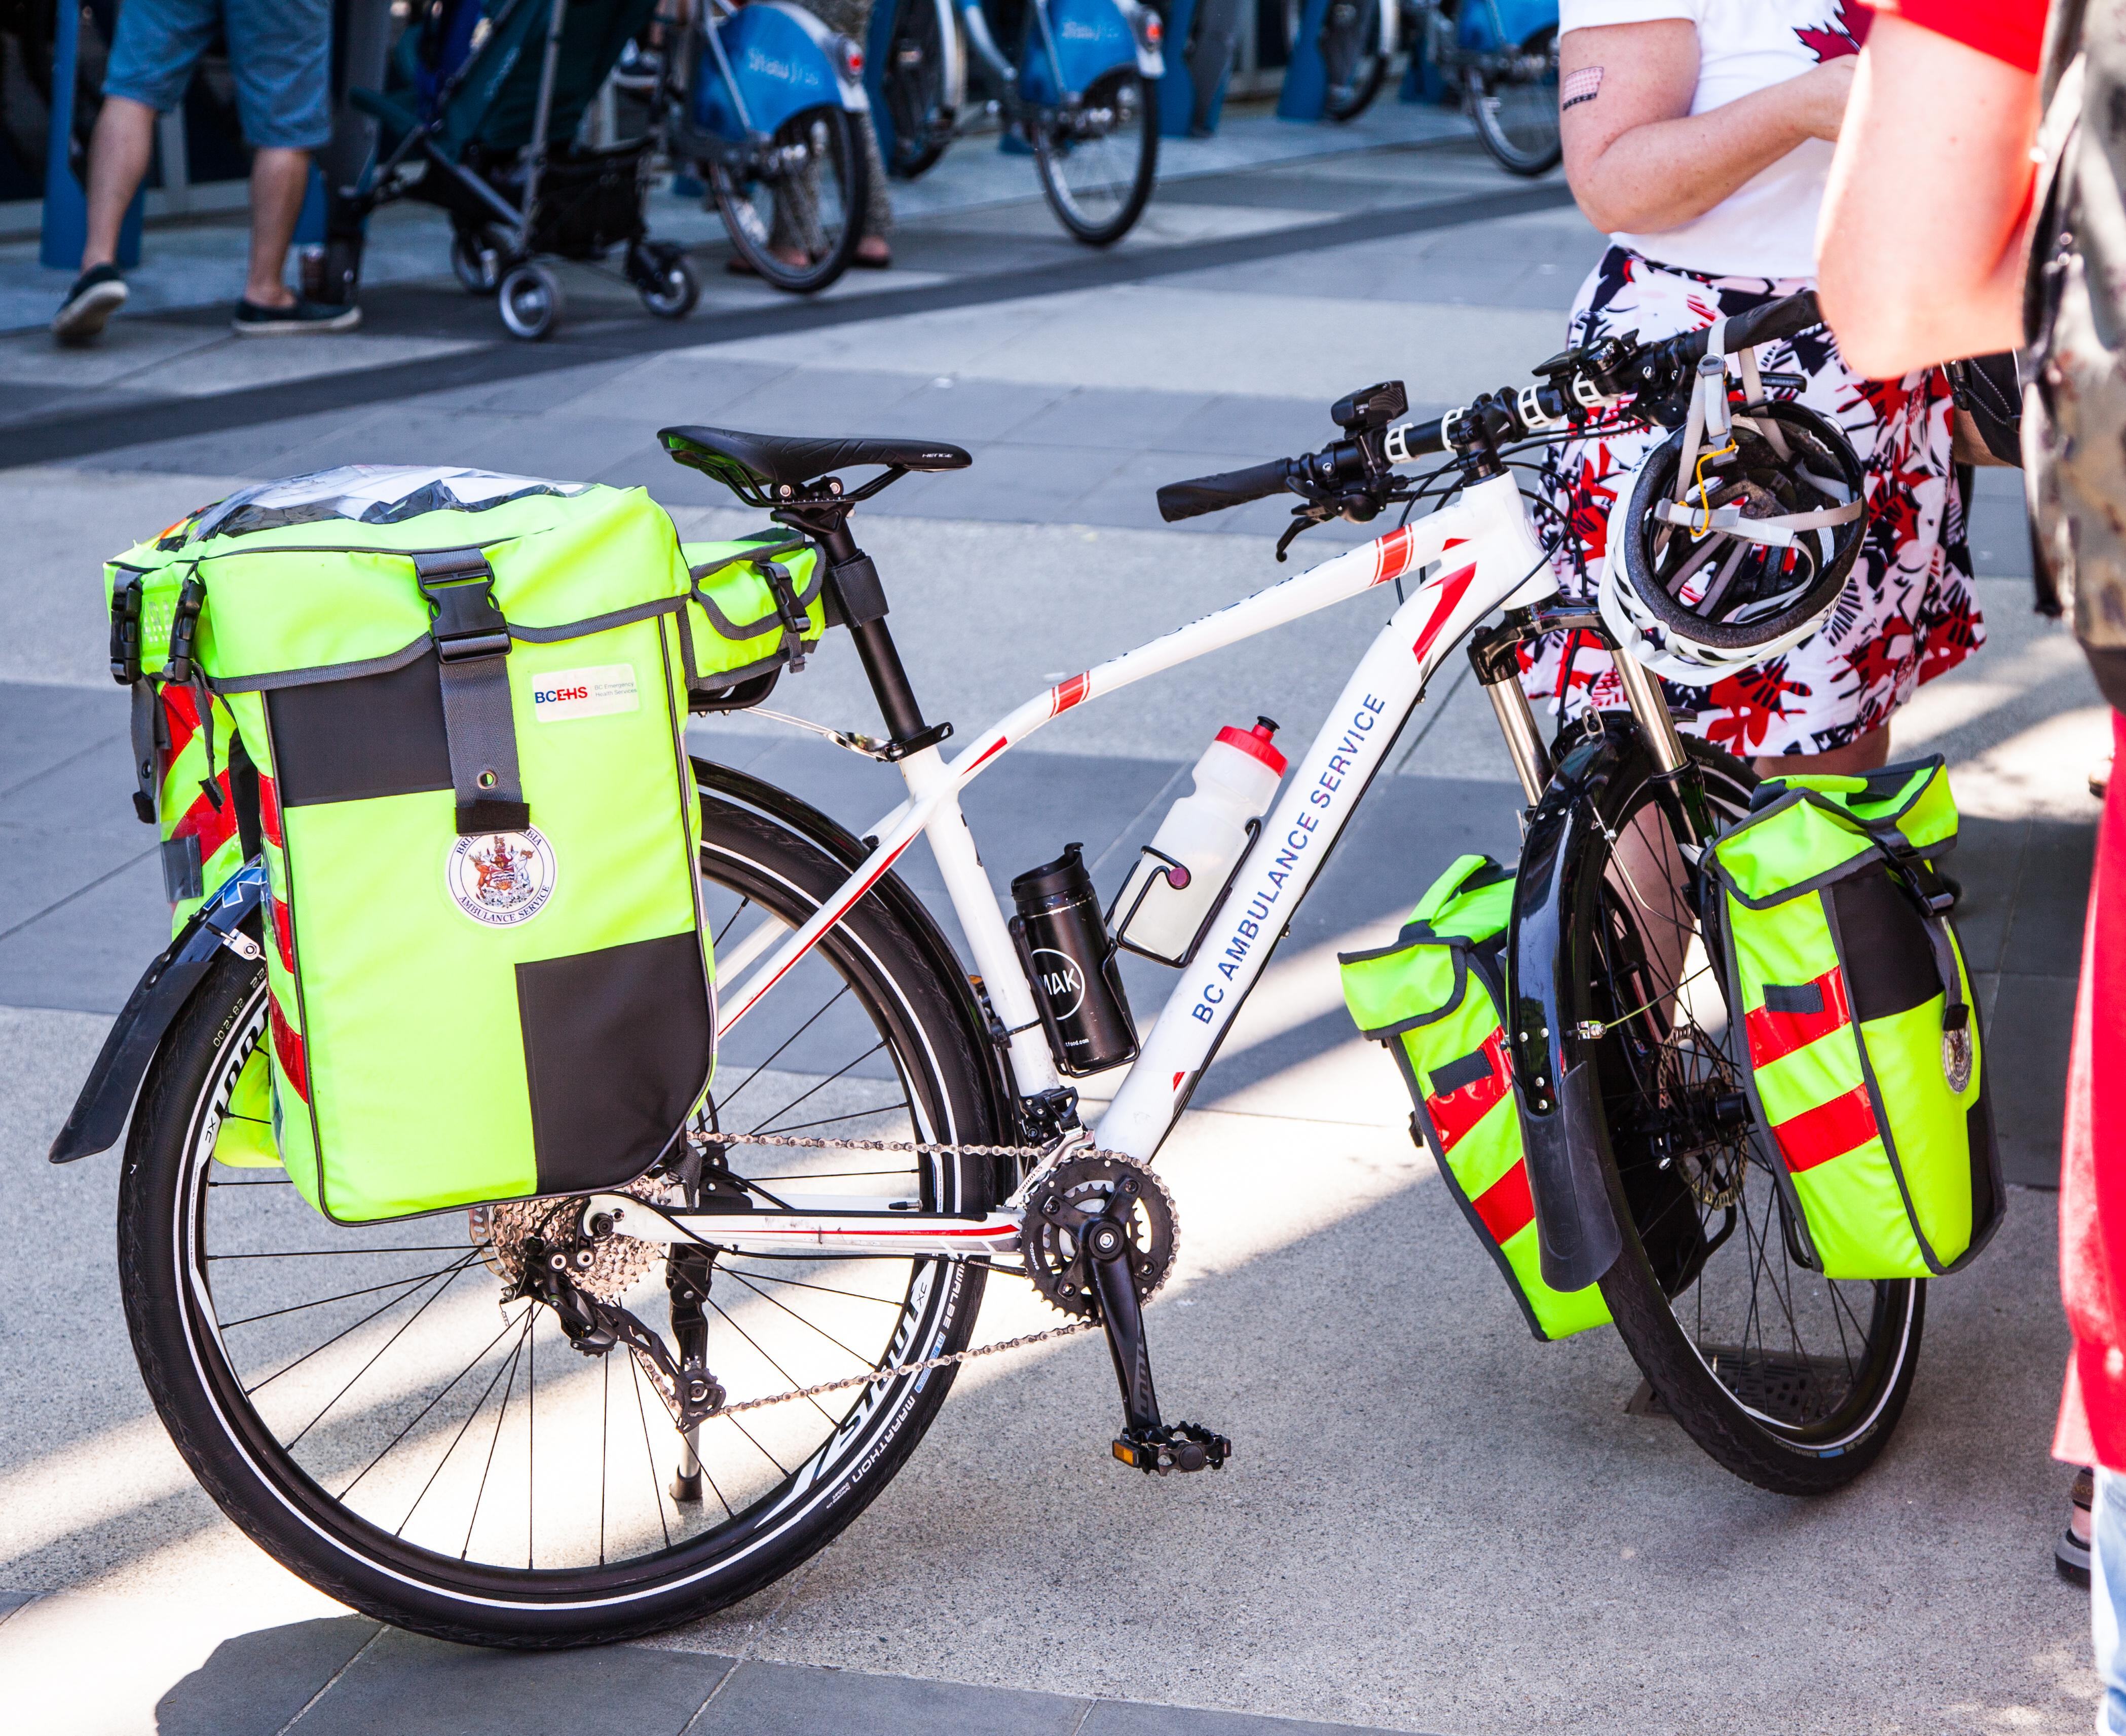 Ambulance on bikes